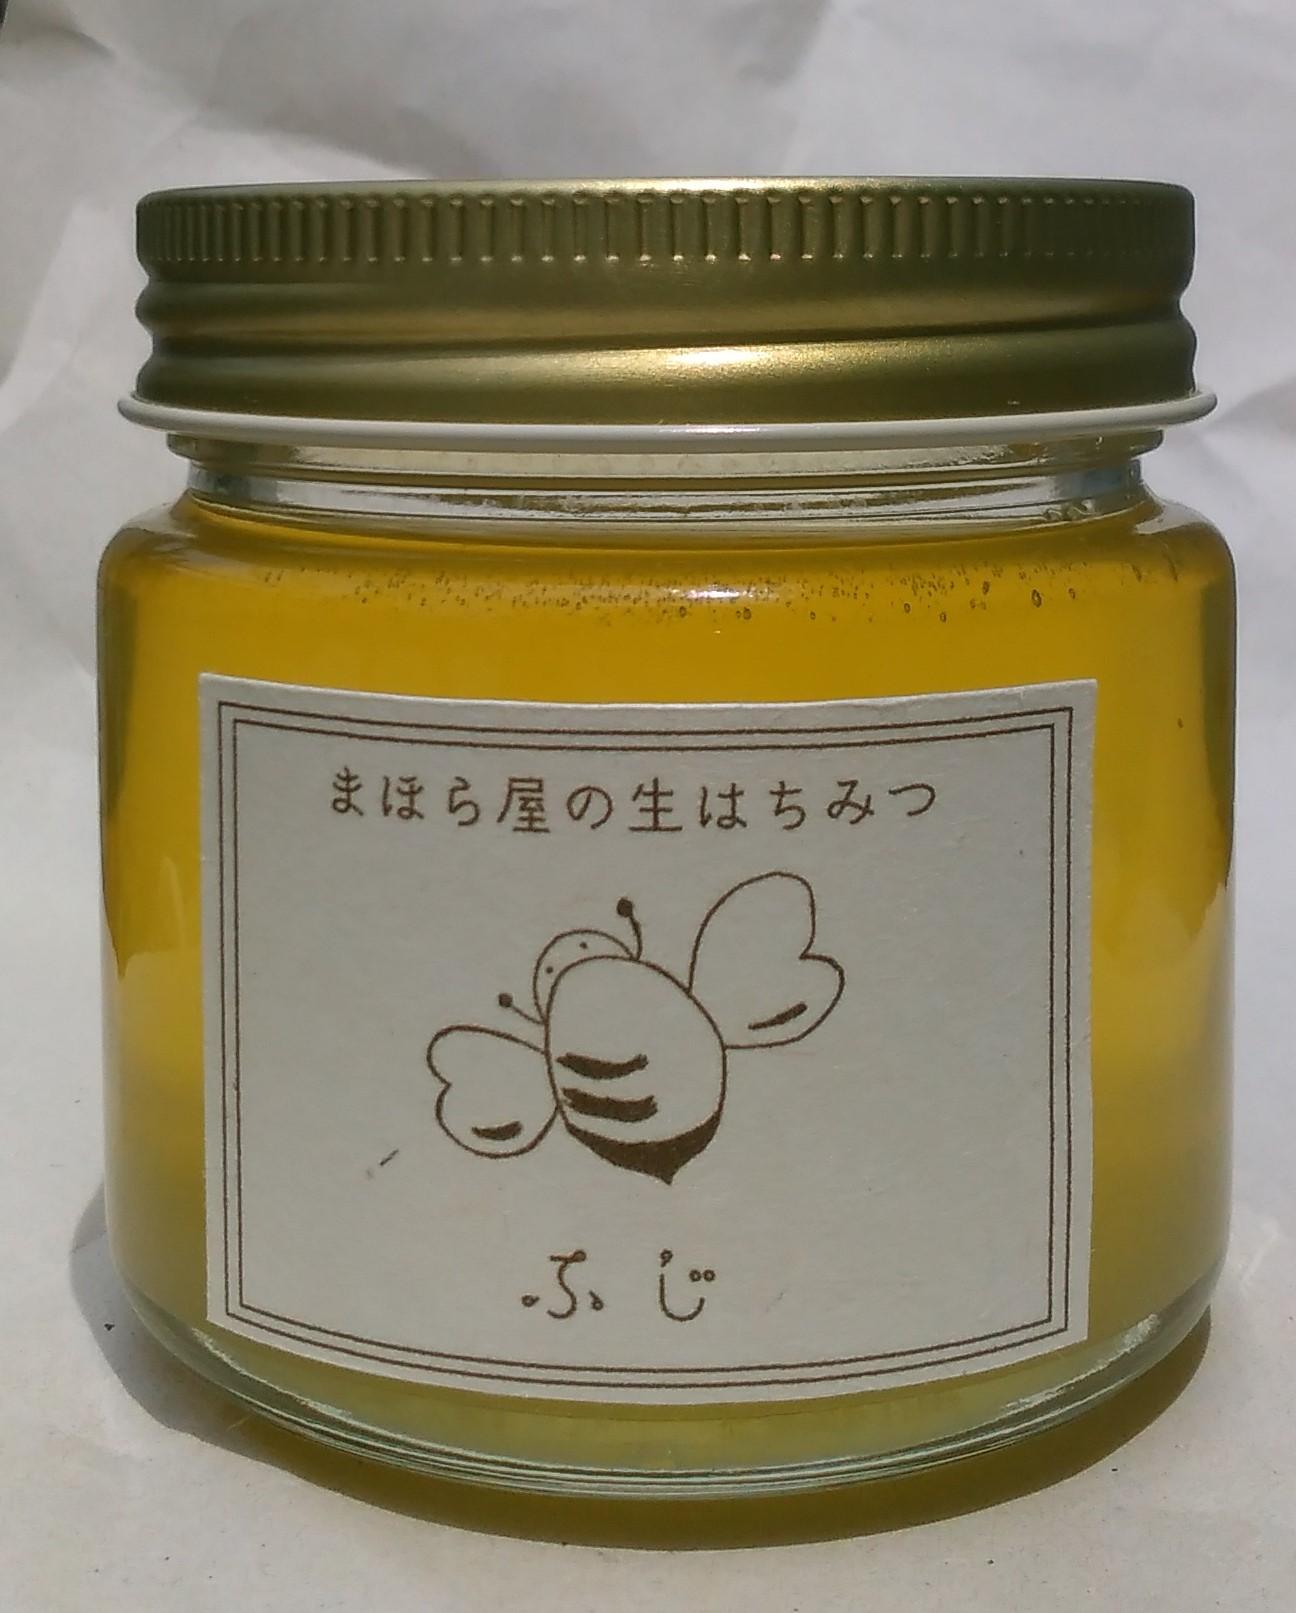 栃木県産ふじ蜂蜜150g画像